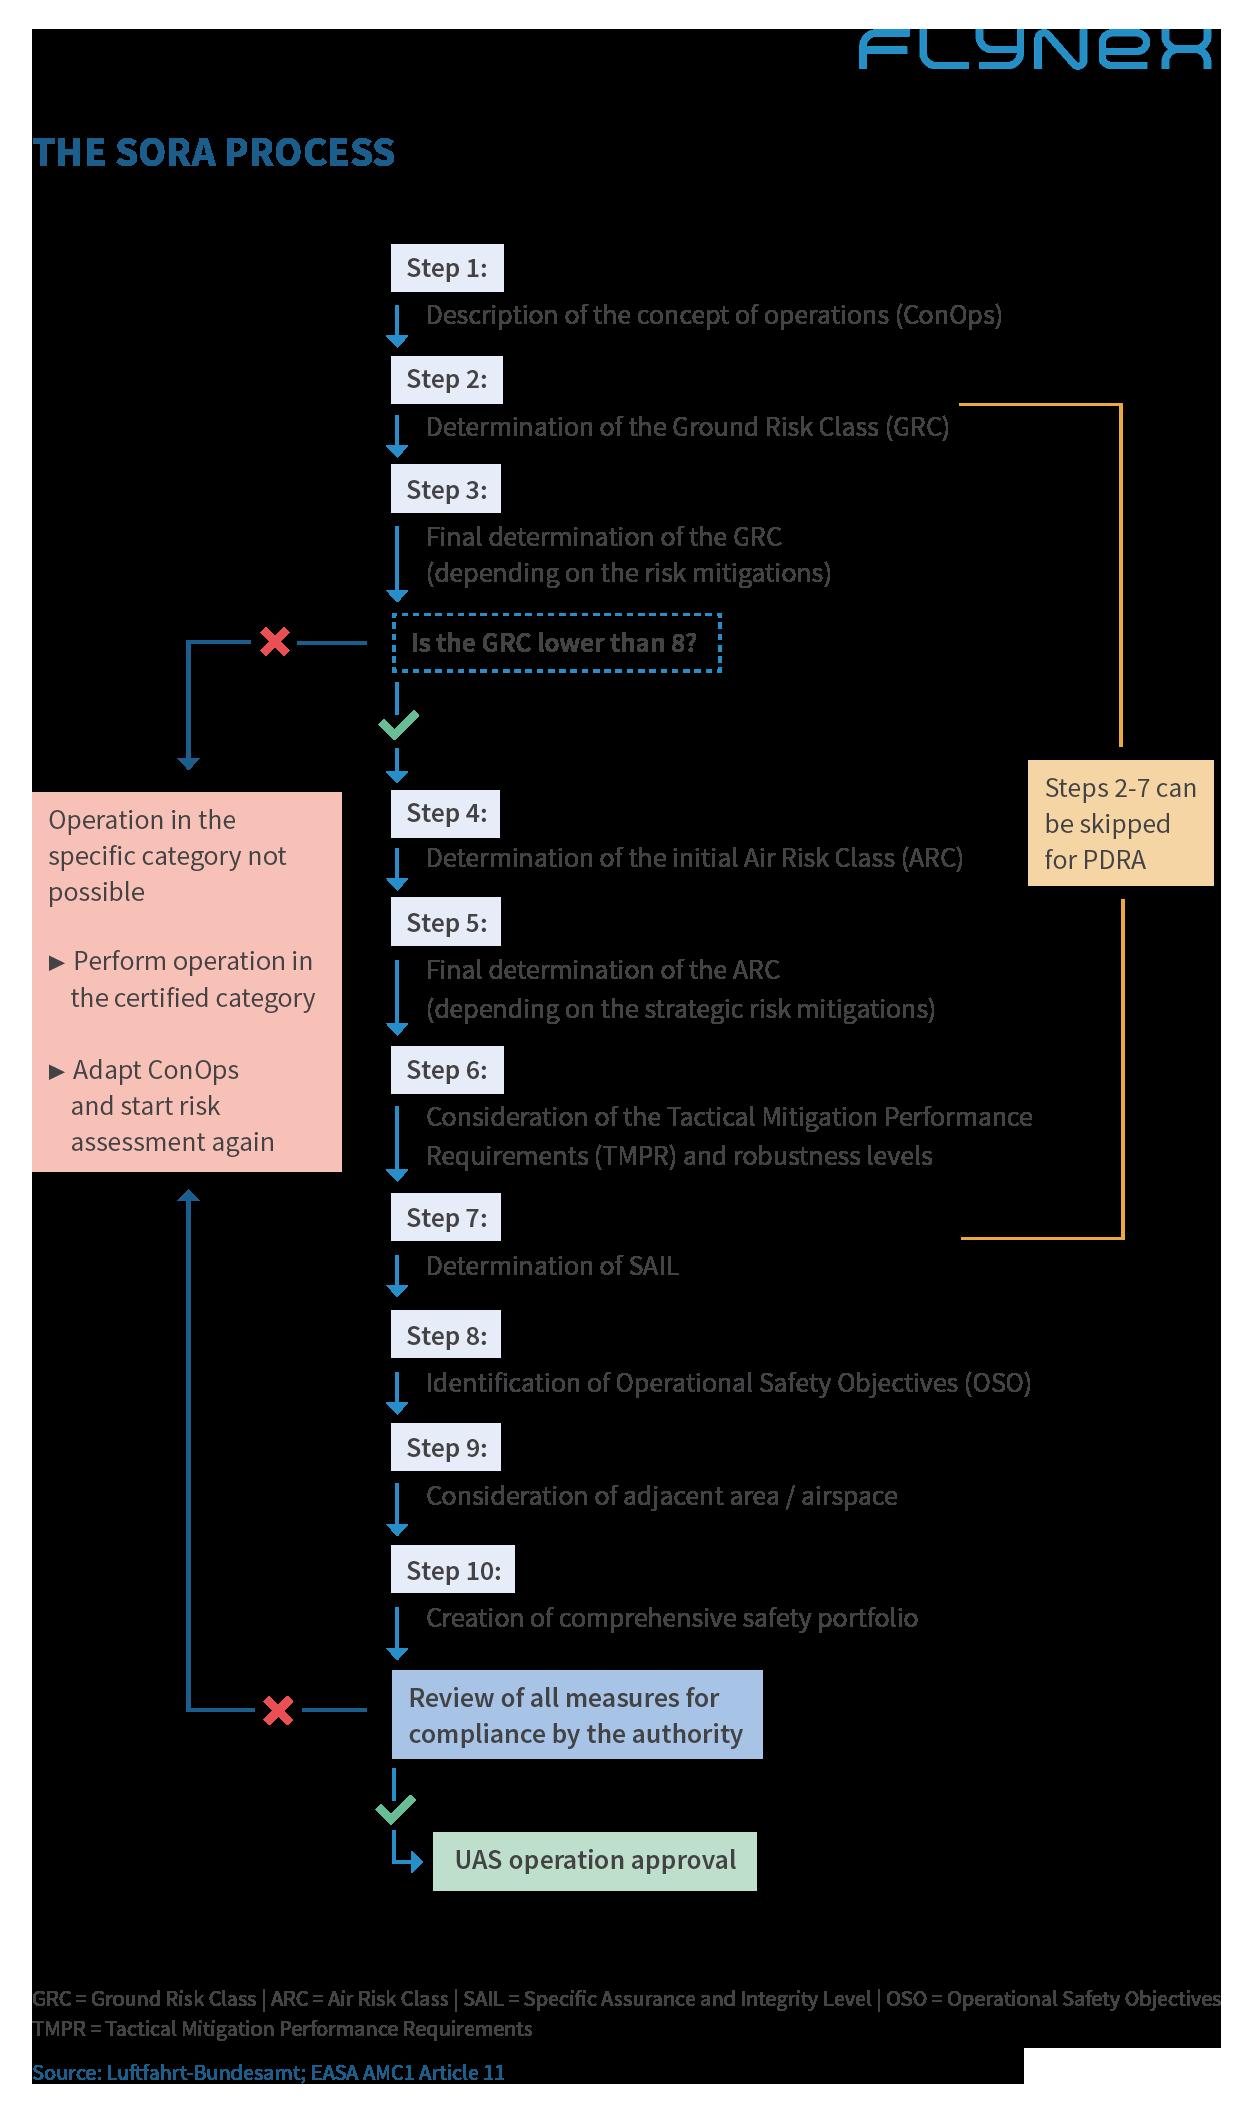 Der SORA Prozess